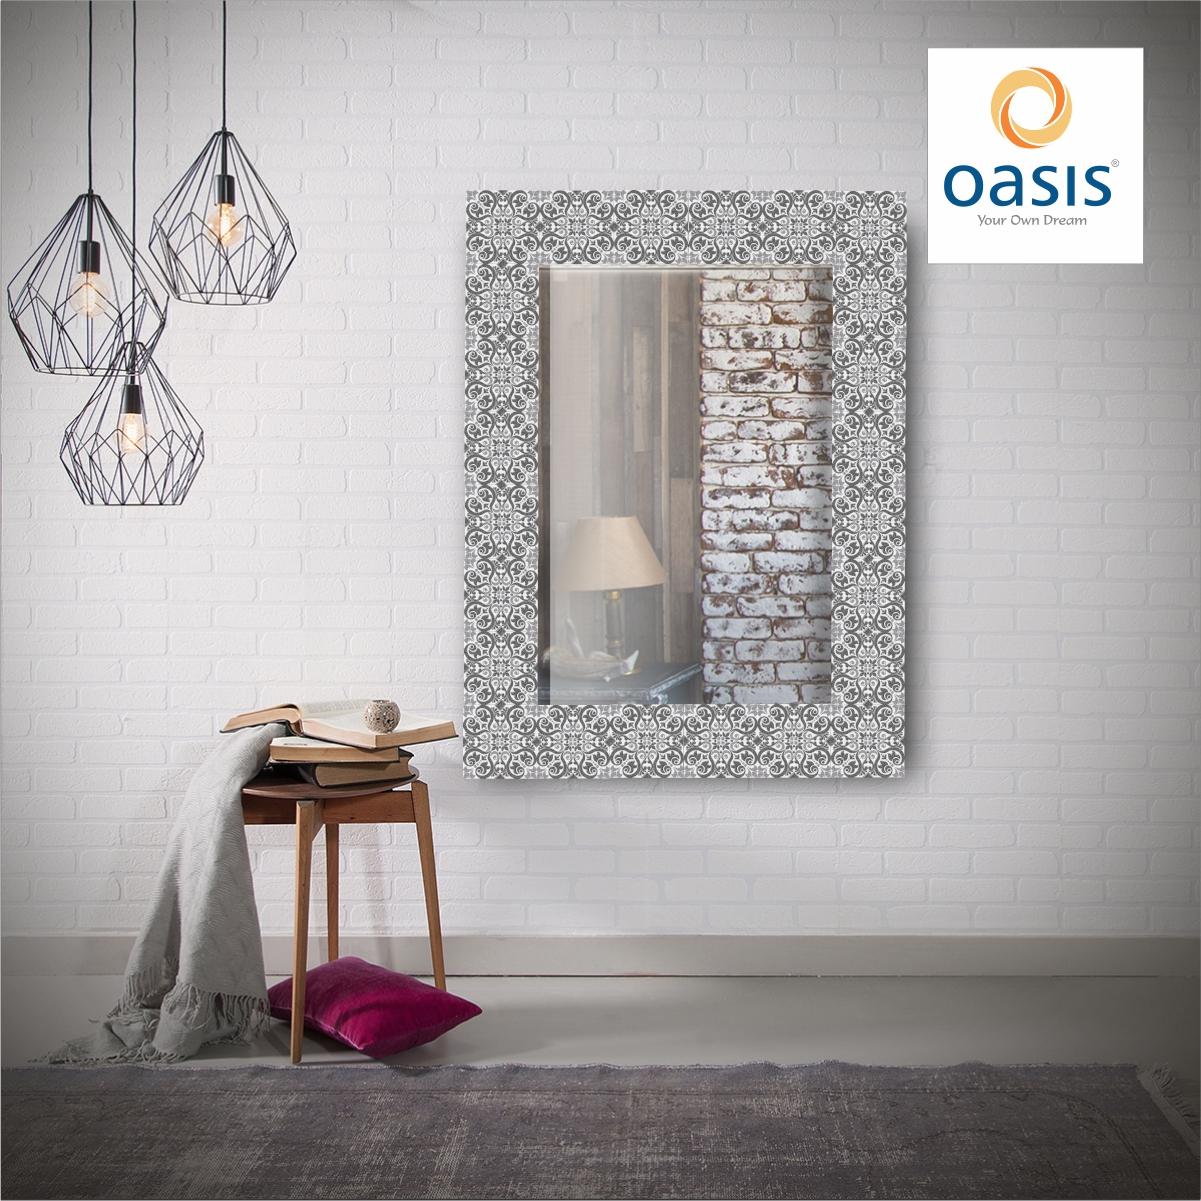 Sajavat Wall Decor With Oasis Tiles